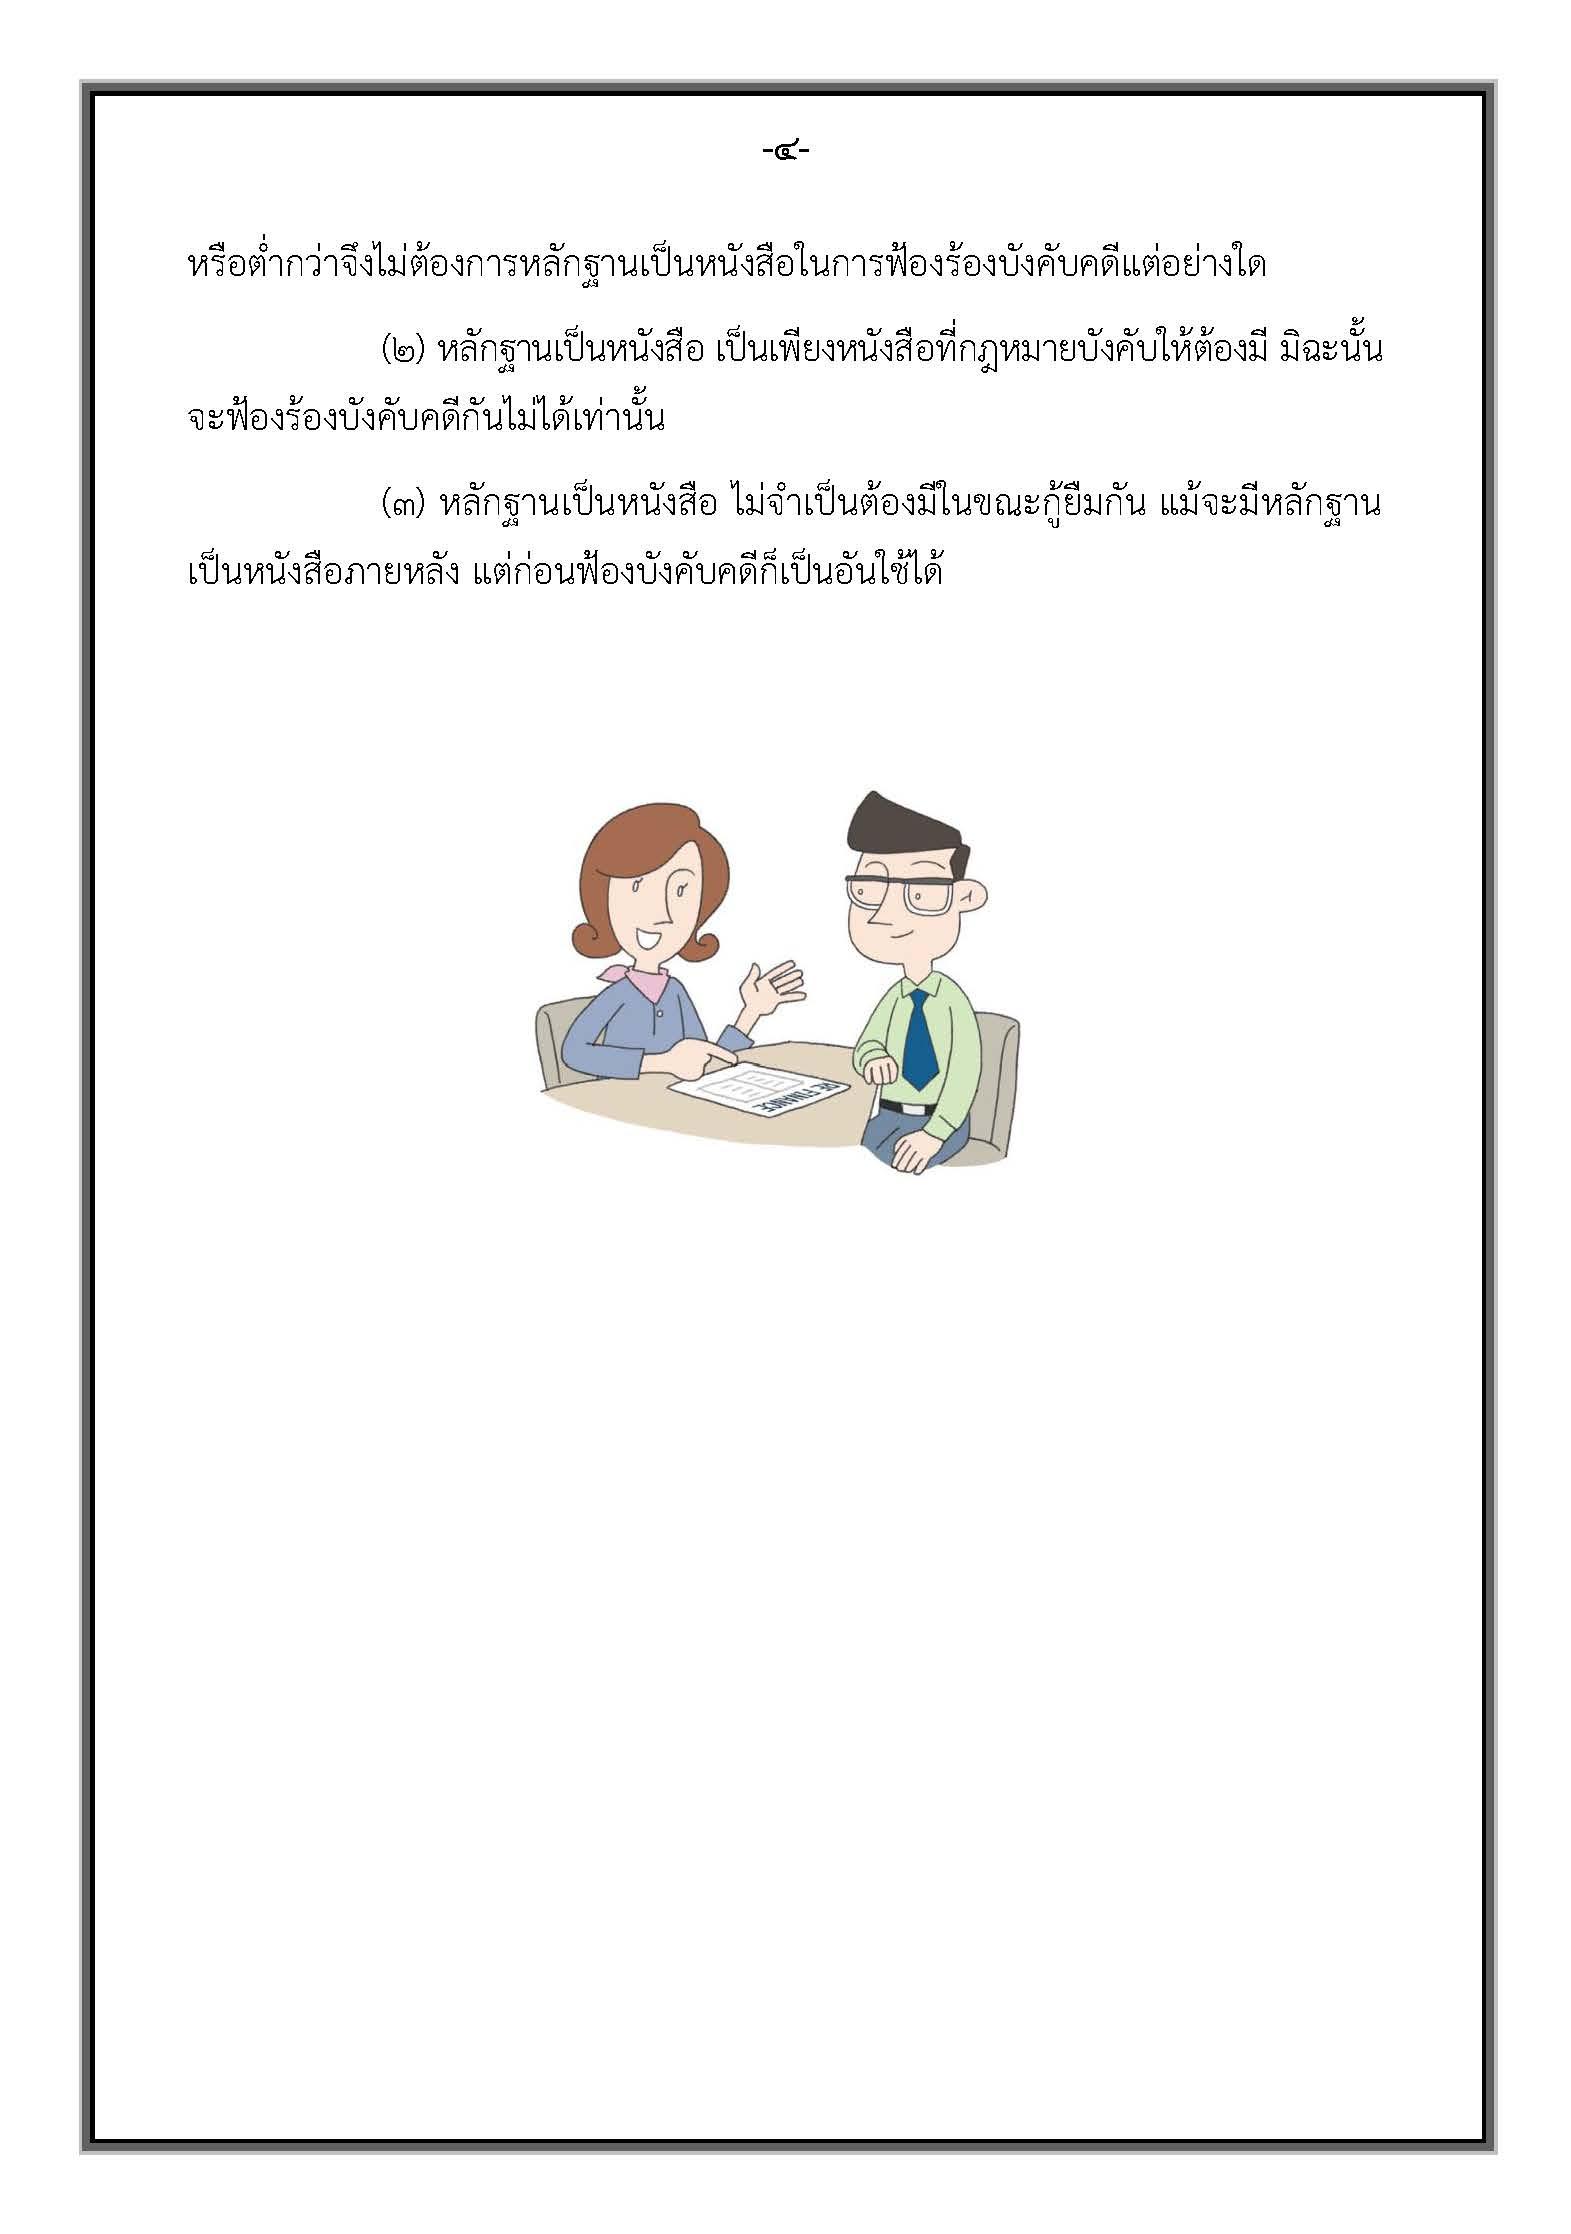 คำแนะนำ-สัญญากู้ยืมเงิน_Page_08